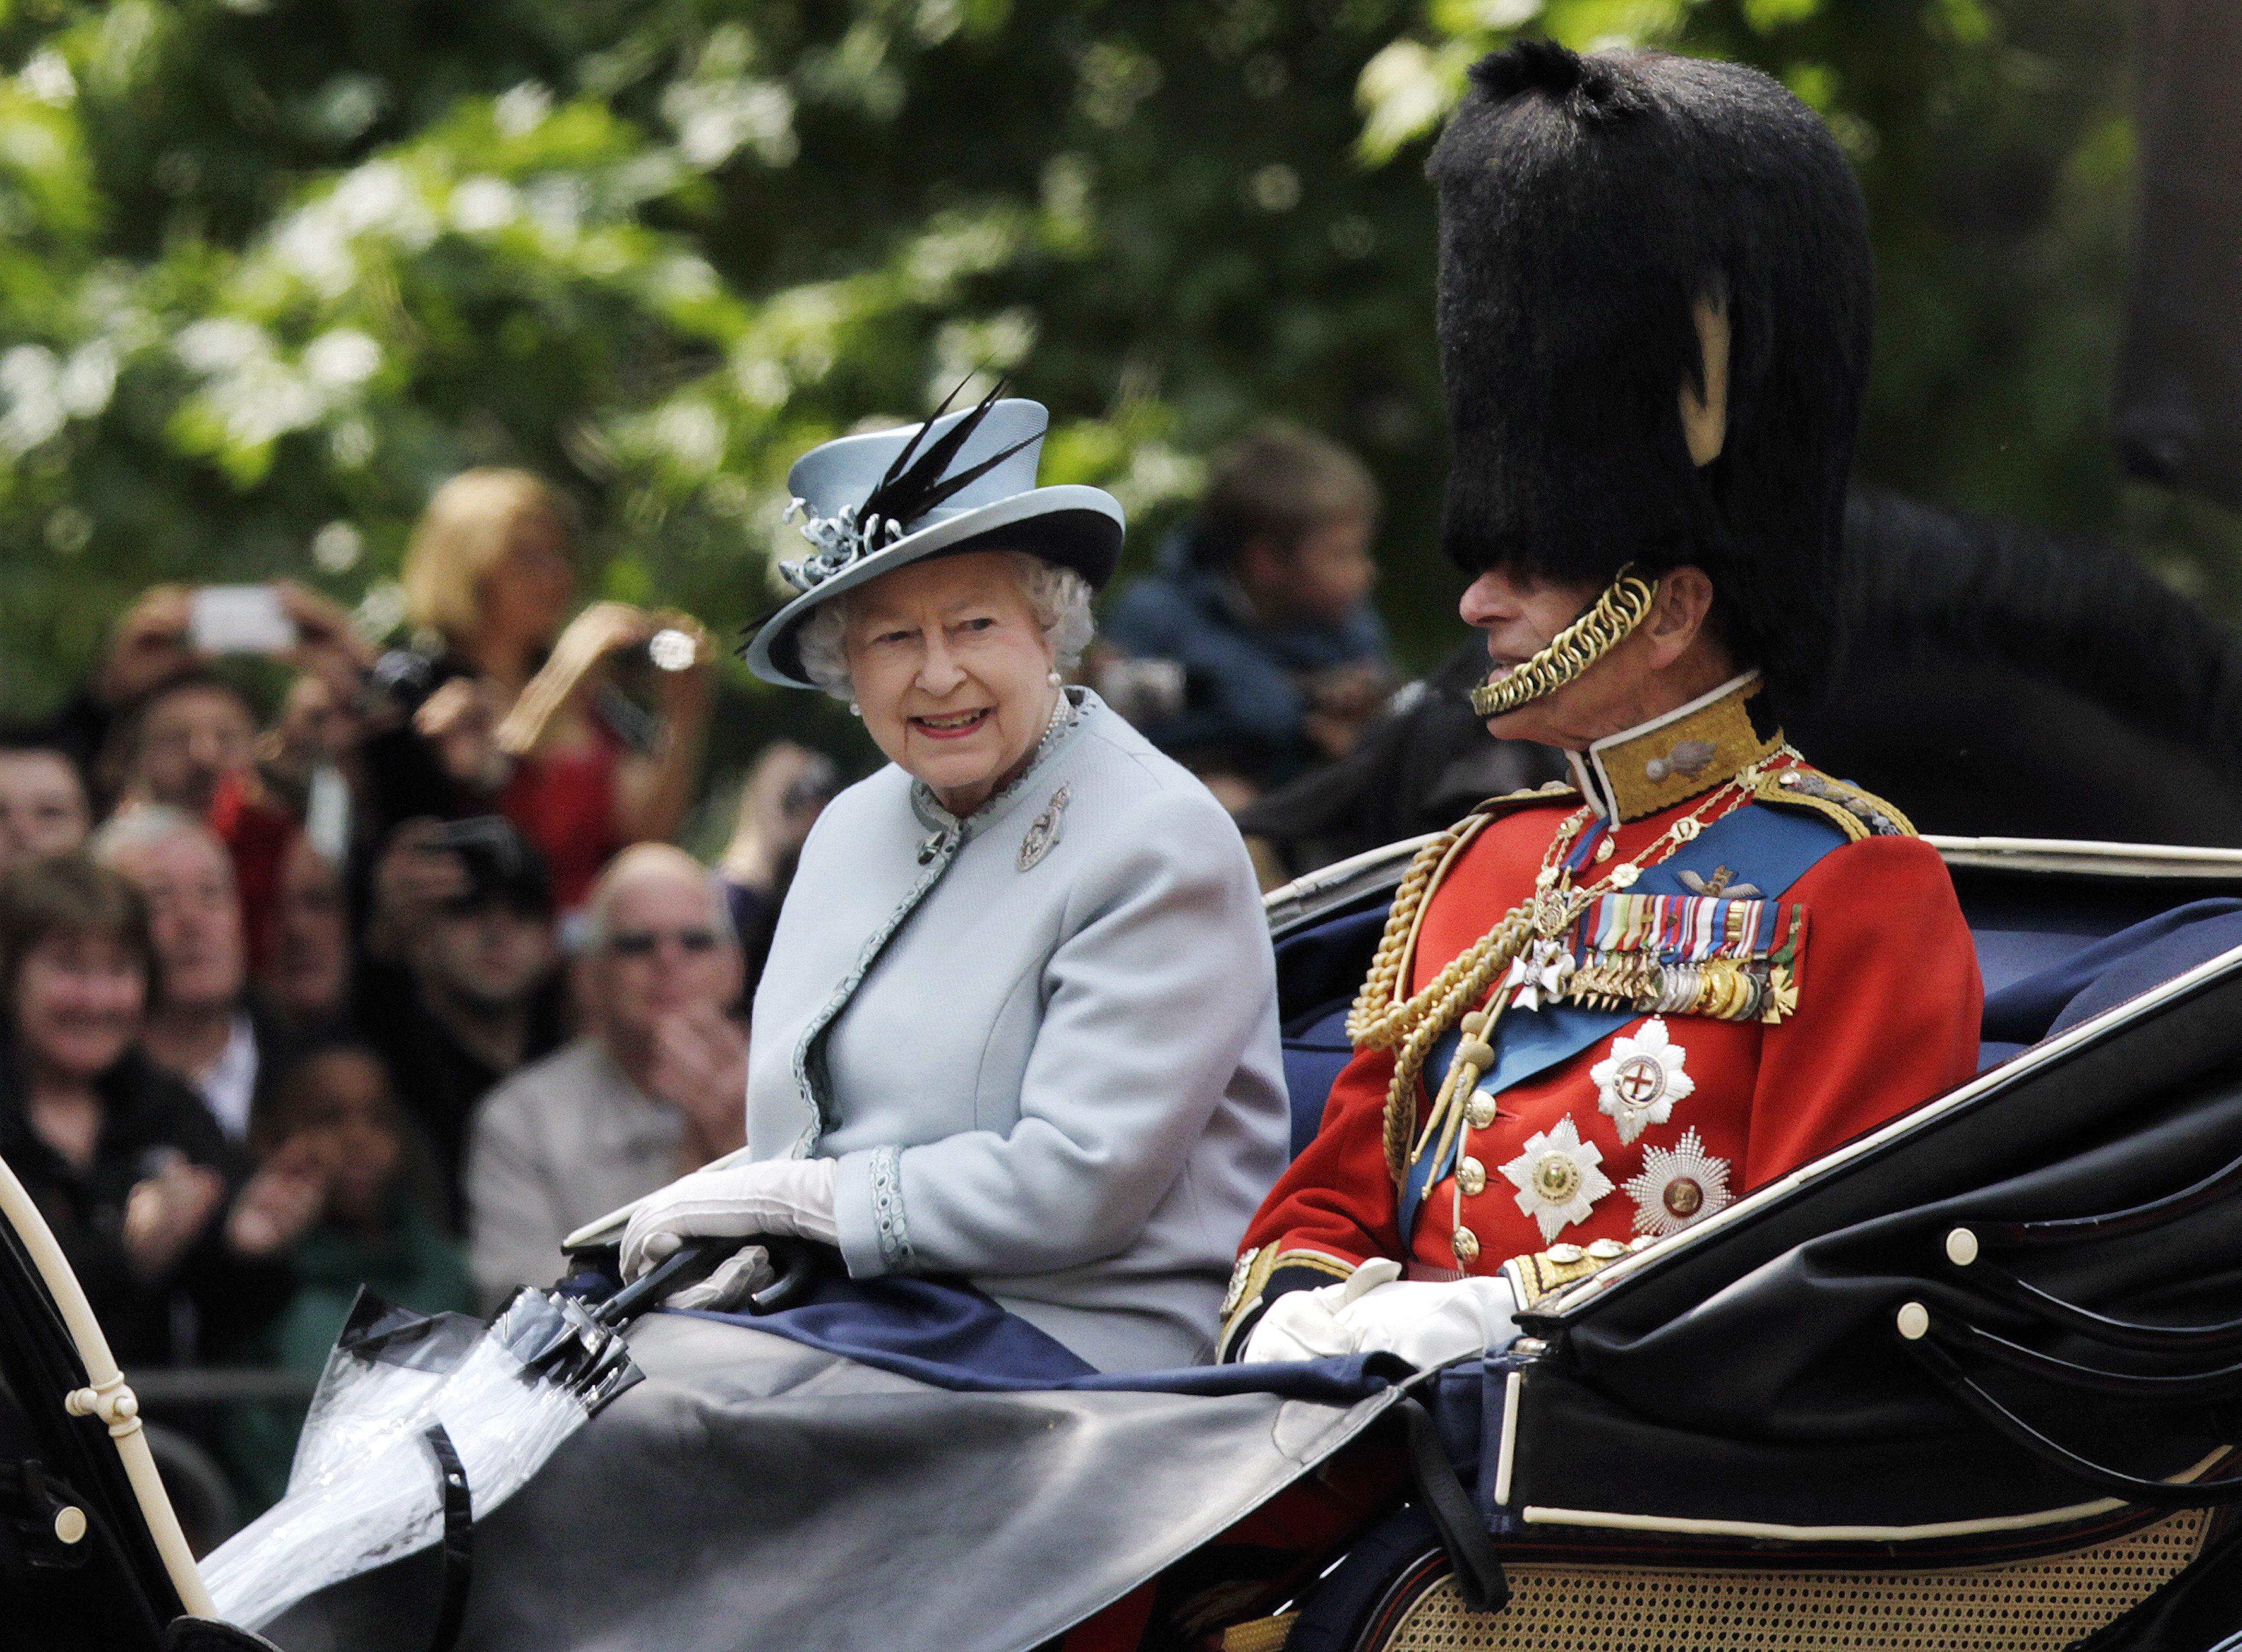 Банката на Елизабет II отнесе 10.7 млн. евро глоба за пране на пари